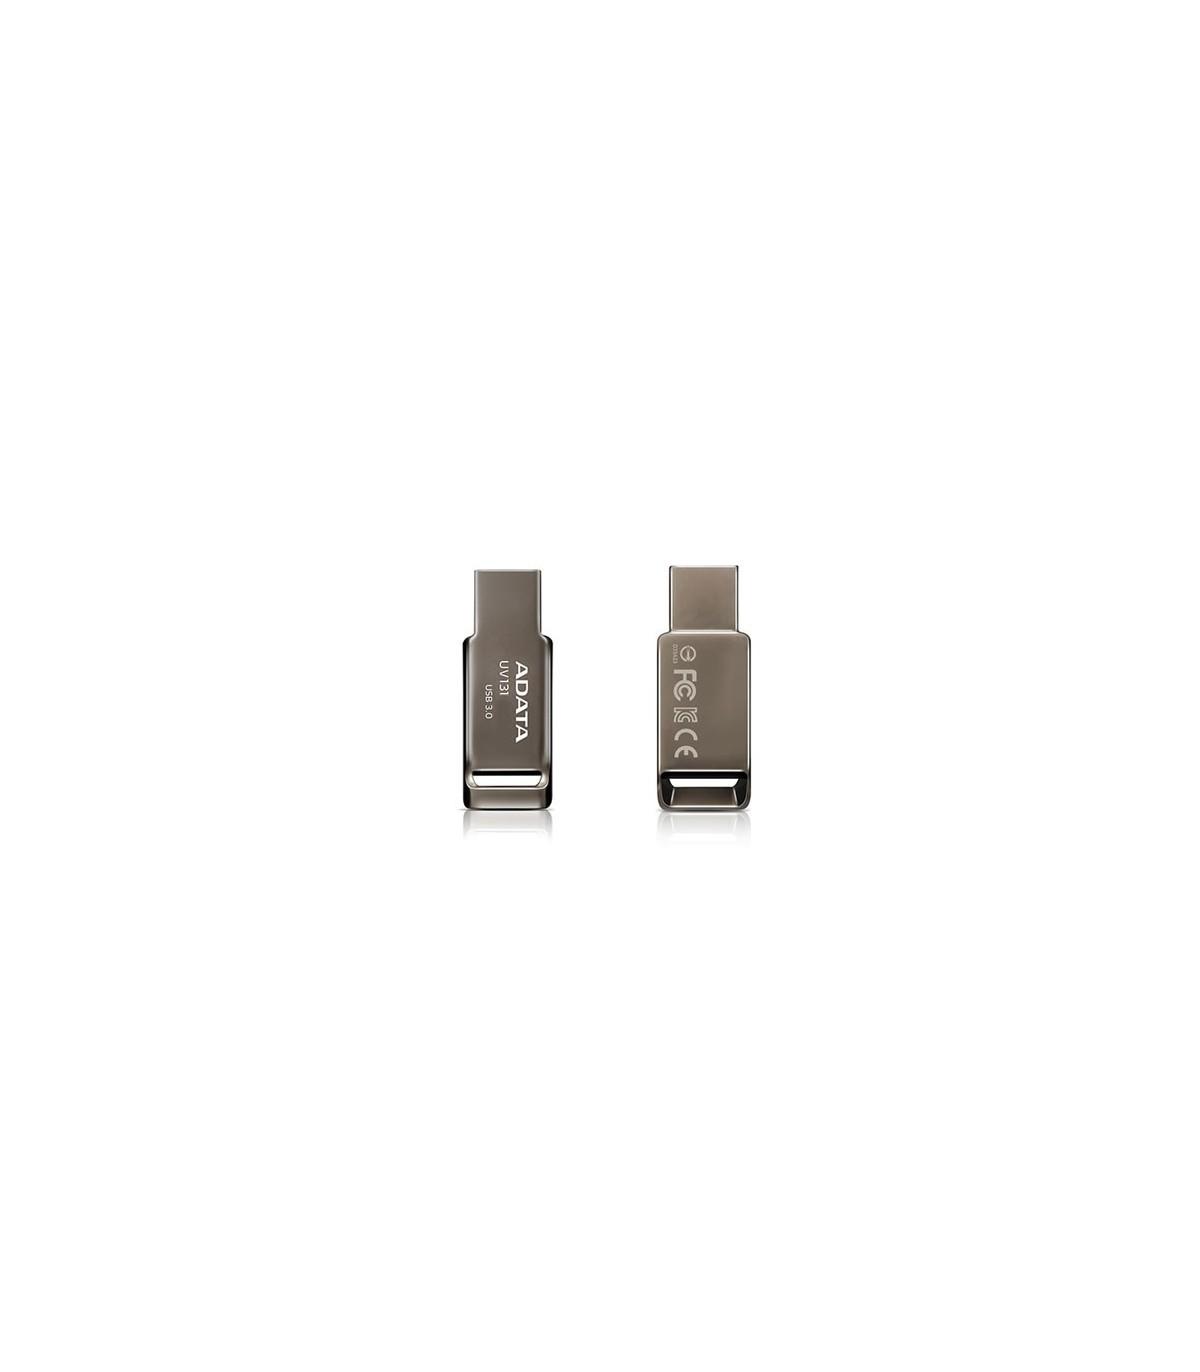 فلش مموری ای دیتا 64 گیگابایت UV131 USB 3.0